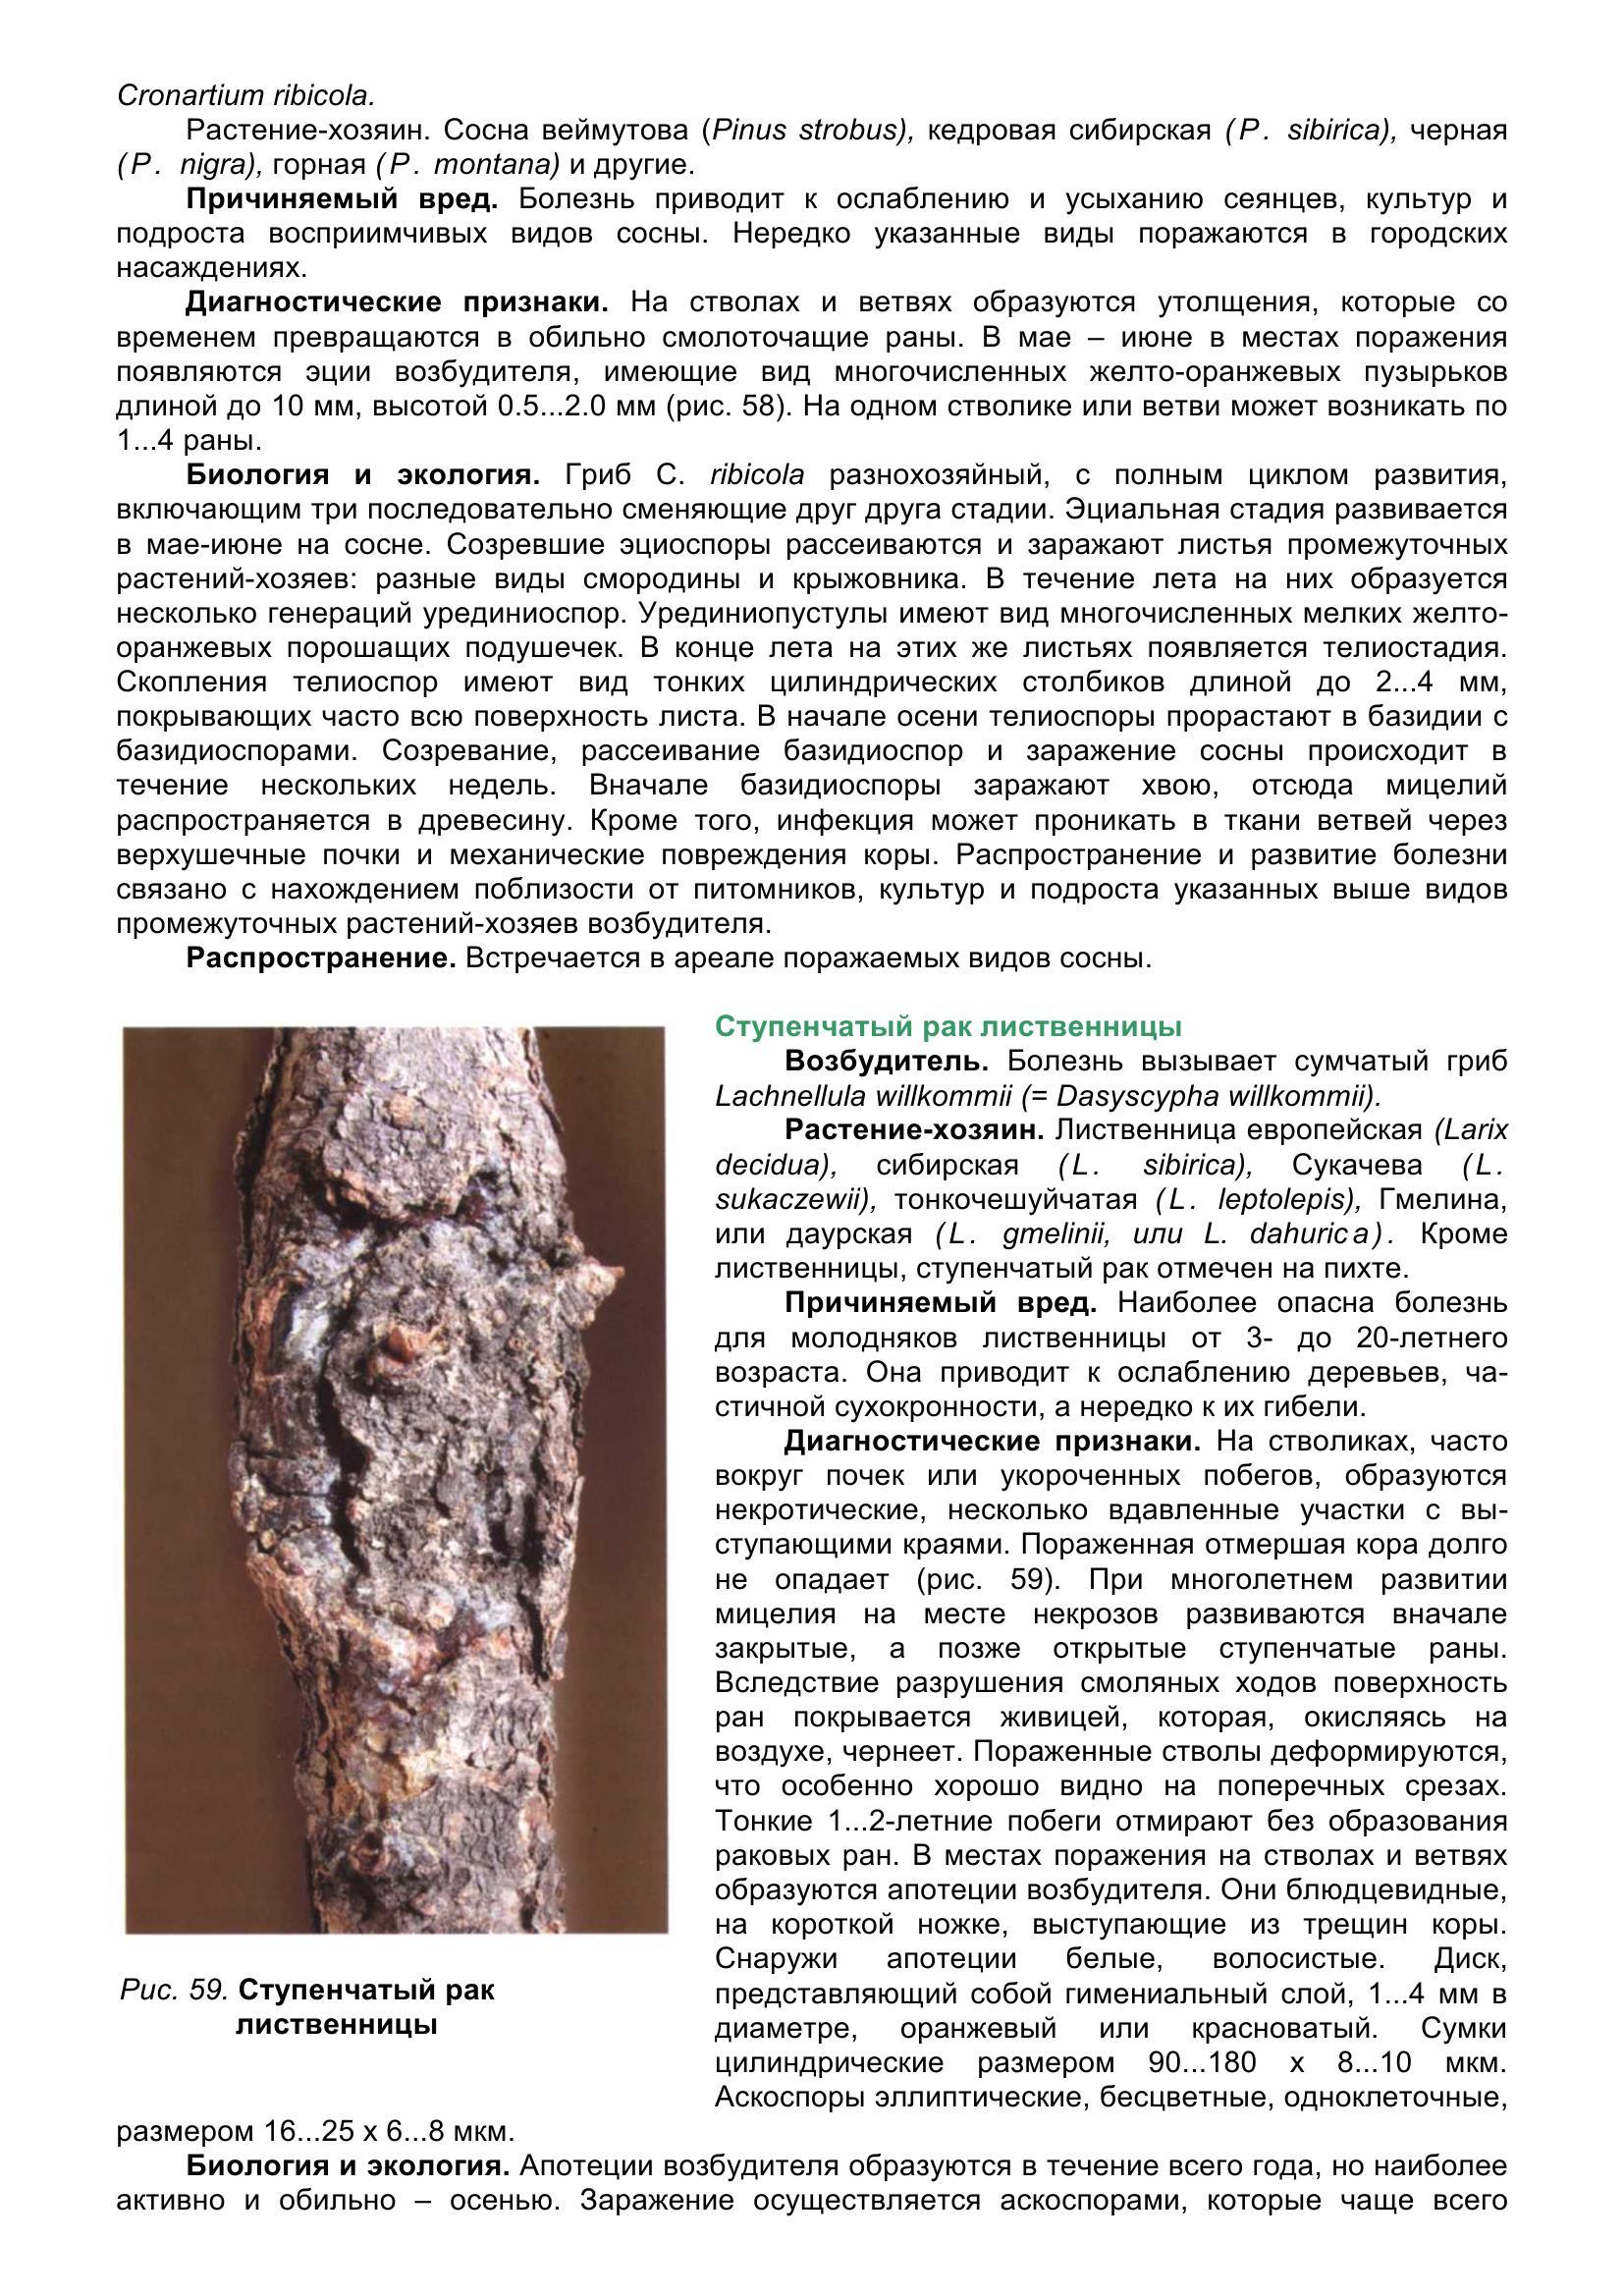 Болезни_древесных_растений_070.jpg